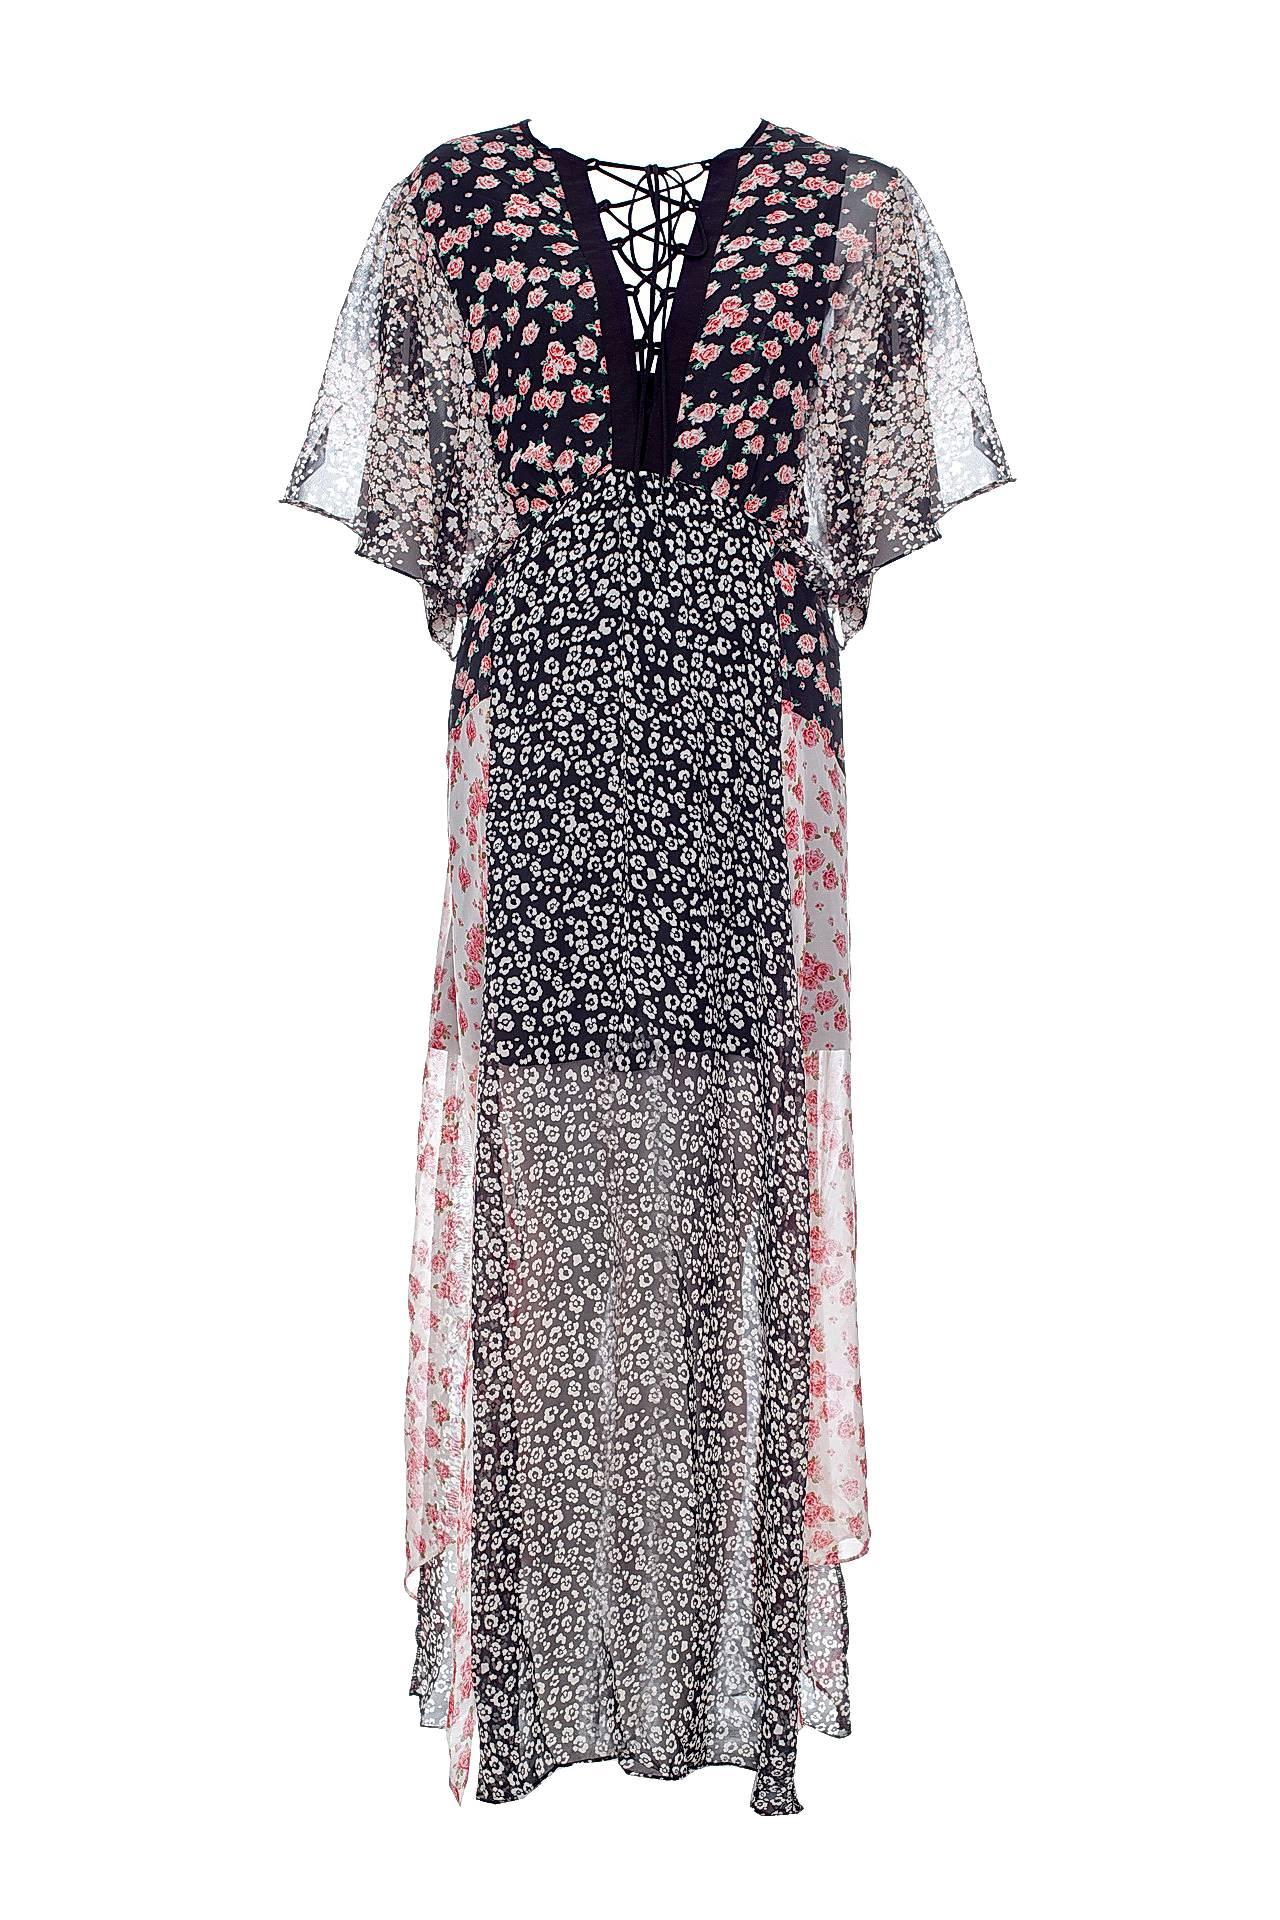 Платье Brigitte Bardot невидимка для волос funny bunny розовые цветы 2 шт